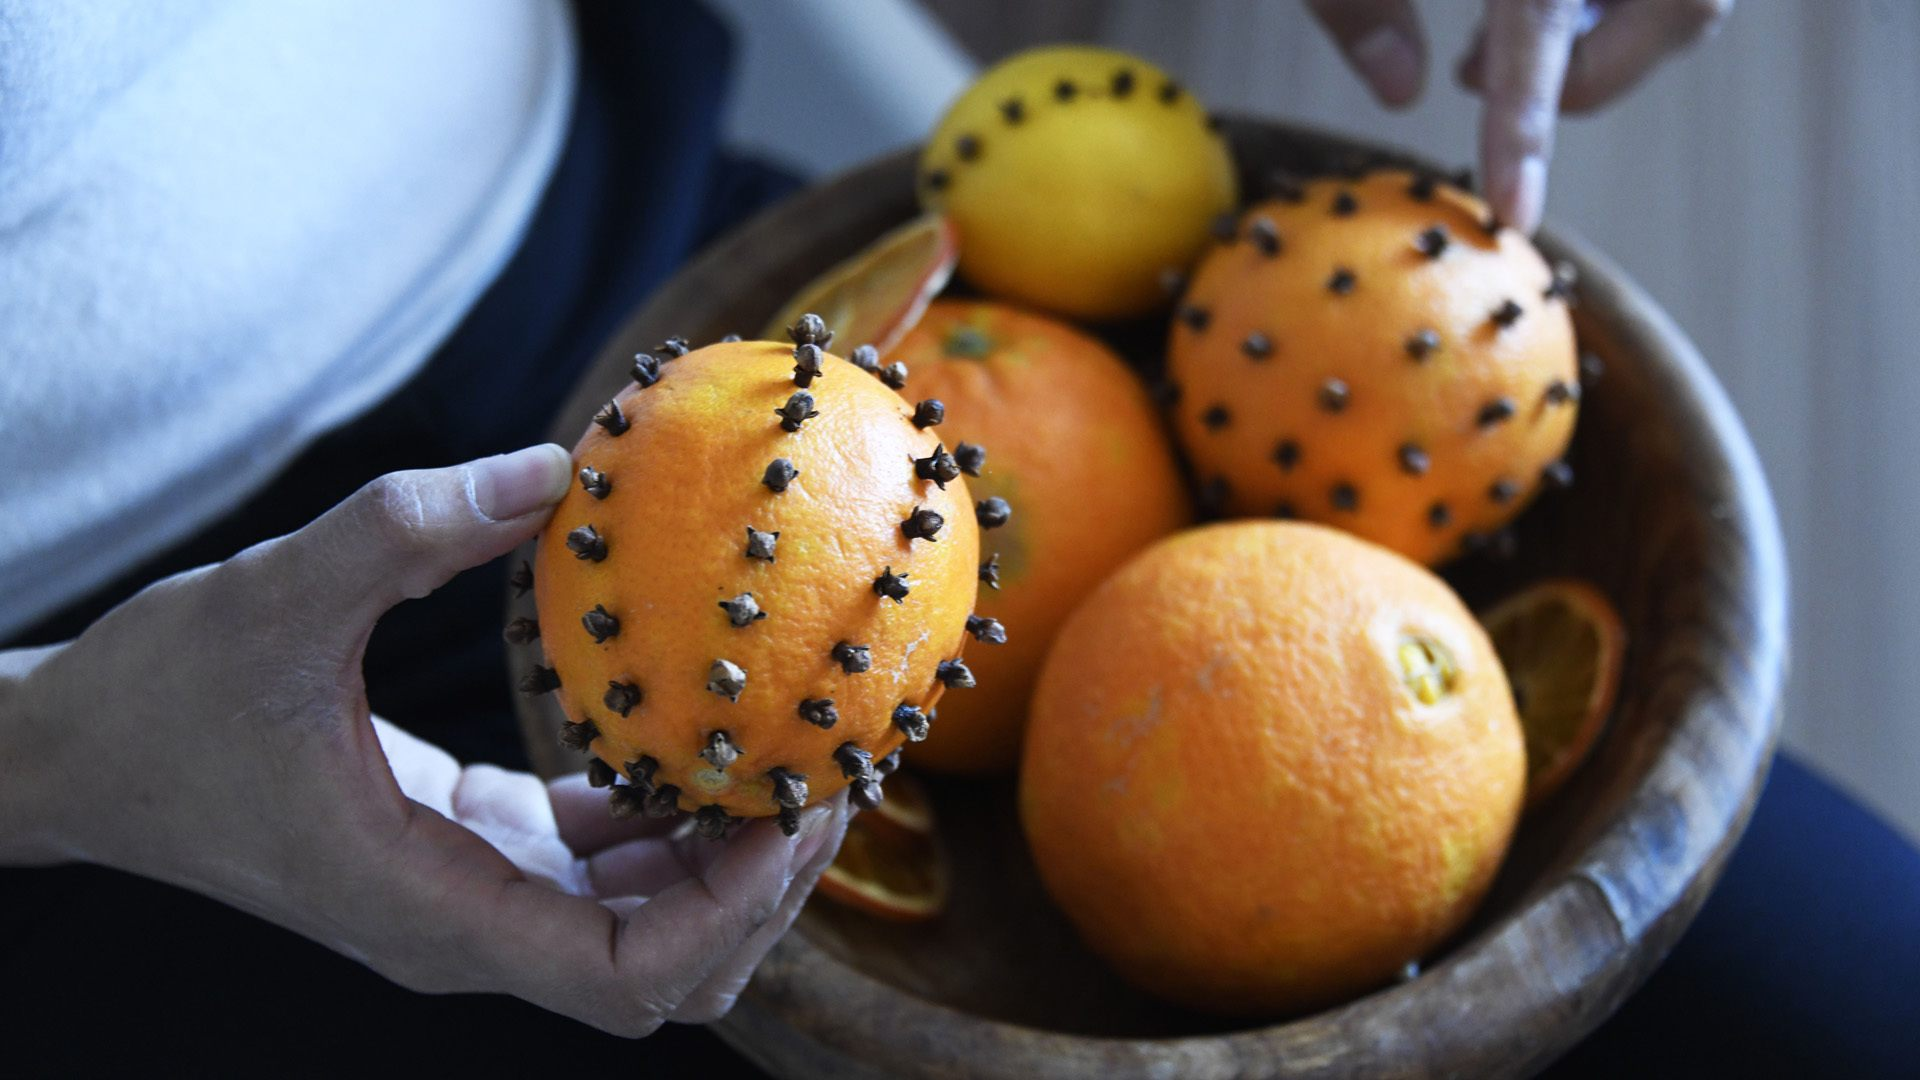 Les astuces d'une maman blogueuse pour un Noël éthique et local : décorer avec des oranges